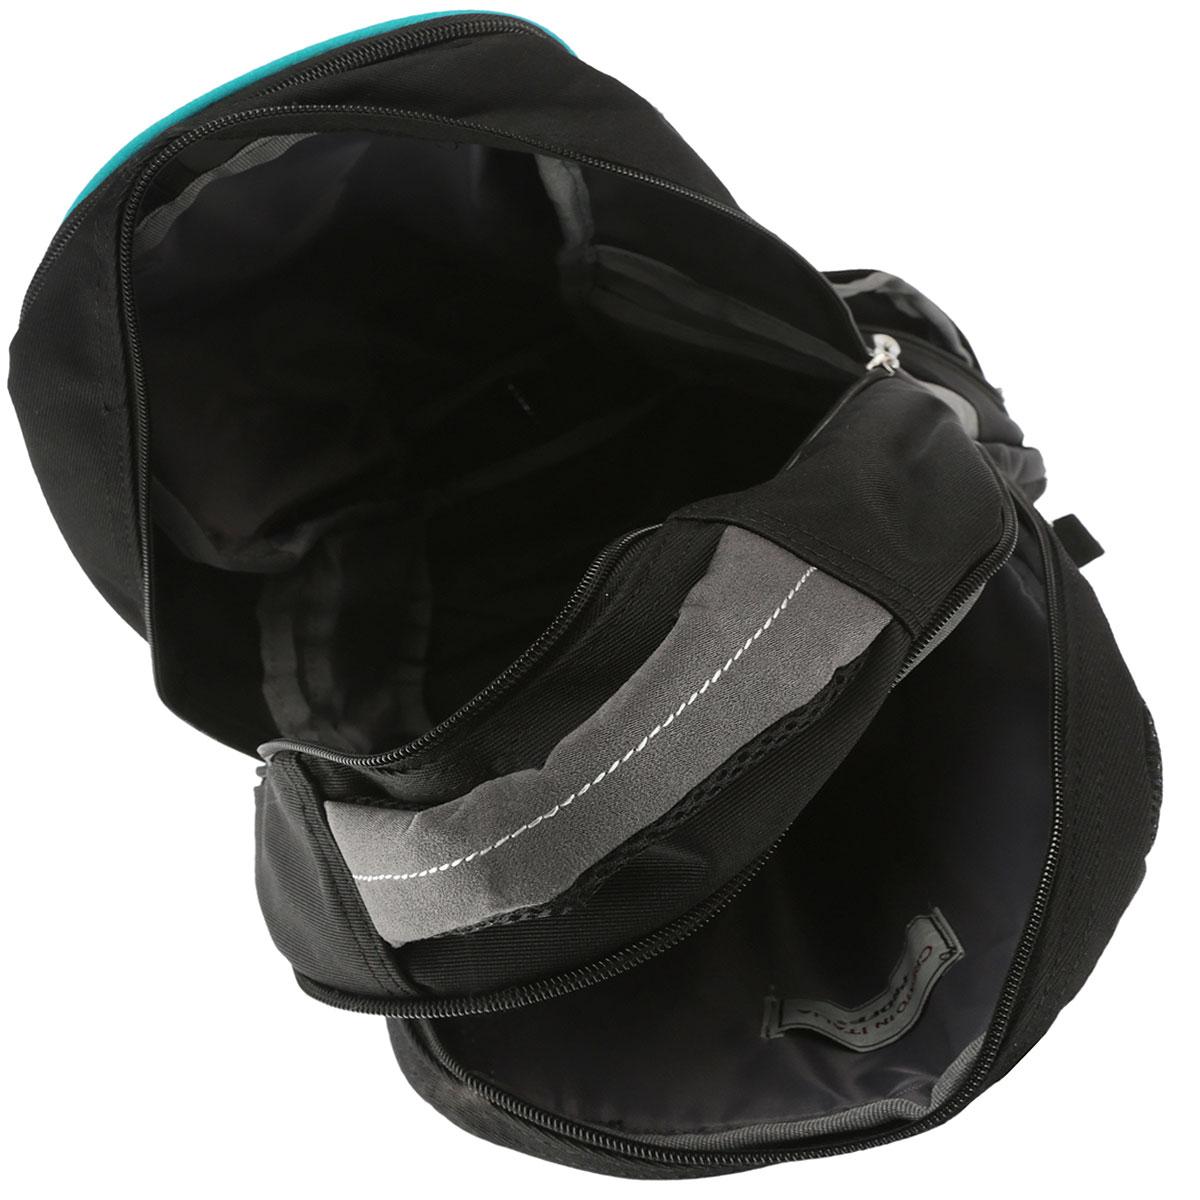 Рюкзак молодежный Proff Largo сочетает в себе современный дизайн, функциональность и долговечность.Онвыполнен из водонепроницаемого, морозоустойчивого материла черного, серого и голубого цветов. Рюкзак состоит из двух вместительных отделений, закрывающихся на застежки-молнии. Изделие имеет два накладныхбоковых кармана, закрывающиеся на молнии. Конструкция спинки дополнена двумя эргономичными подушечками ипротивоскользящей сеточкой для предотвращения запотевания спины. Мягкие широкие лямки позволяют легко ибыстро отрегулировать рюкзак в соответствии с ростом. Рюкзак оснащен удобной текстильной ручкой дляпереноски в руке.Этот рюкзак можно использовать для повседневных прогулок, отдыха и спорта, а также какэлемент вашего имиджа.